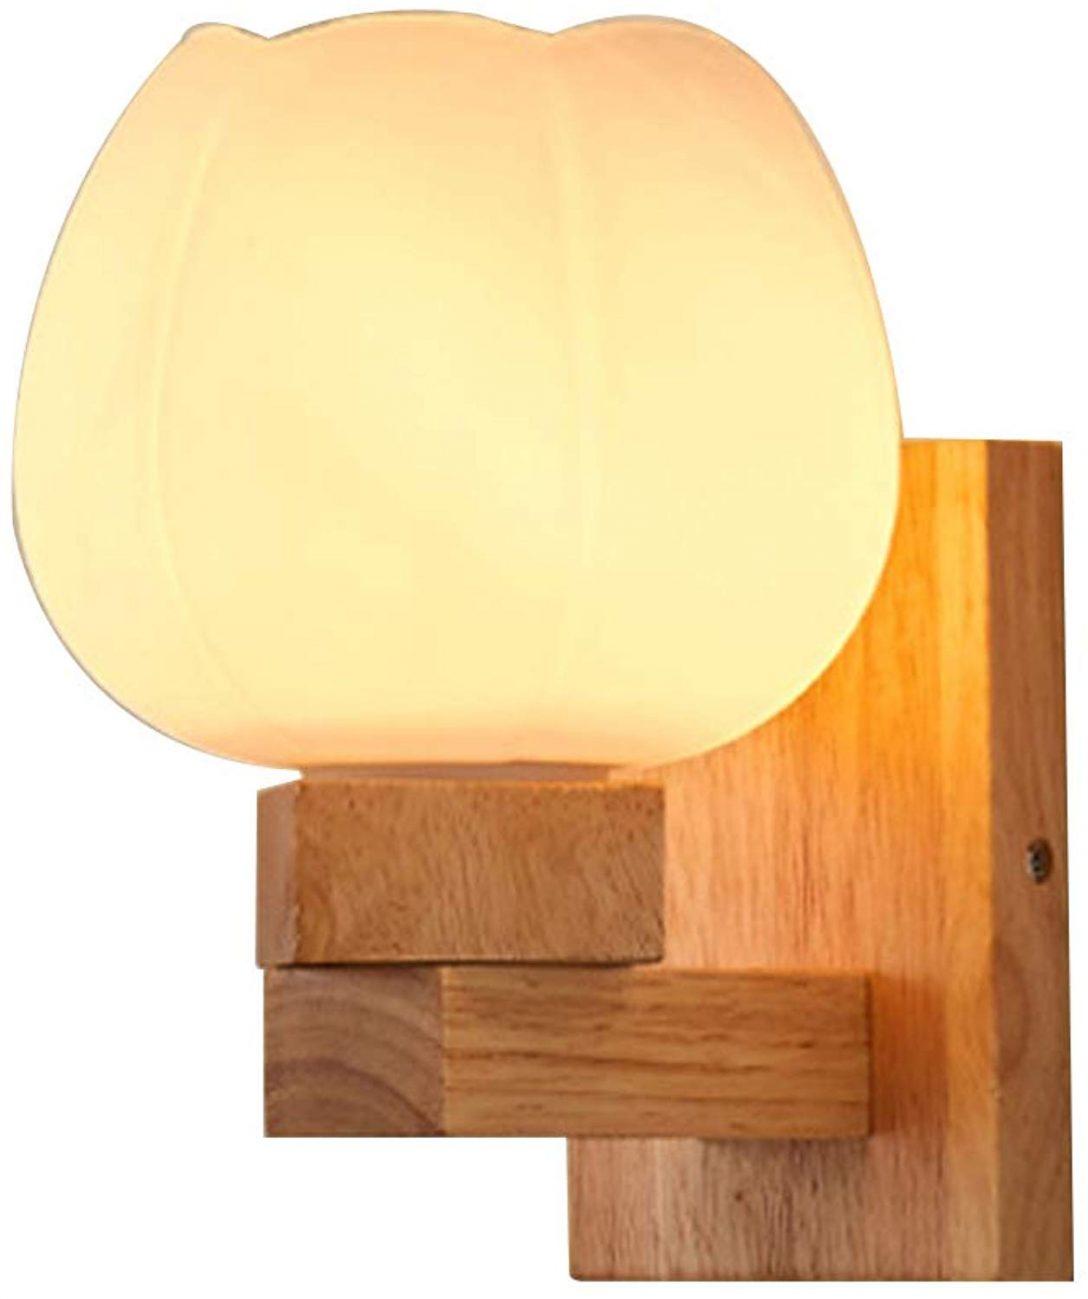 Full Size of Wandlampe Mit Schalter Holz Schlafzimmer Wandlampen Led Design Kleine Bäder Dusche Sofa Relaxfunktion Elektrisch Einbauküche Elektrogeräten Bett Schubladen Wohnzimmer Wandlampe Mit Schalter Holz